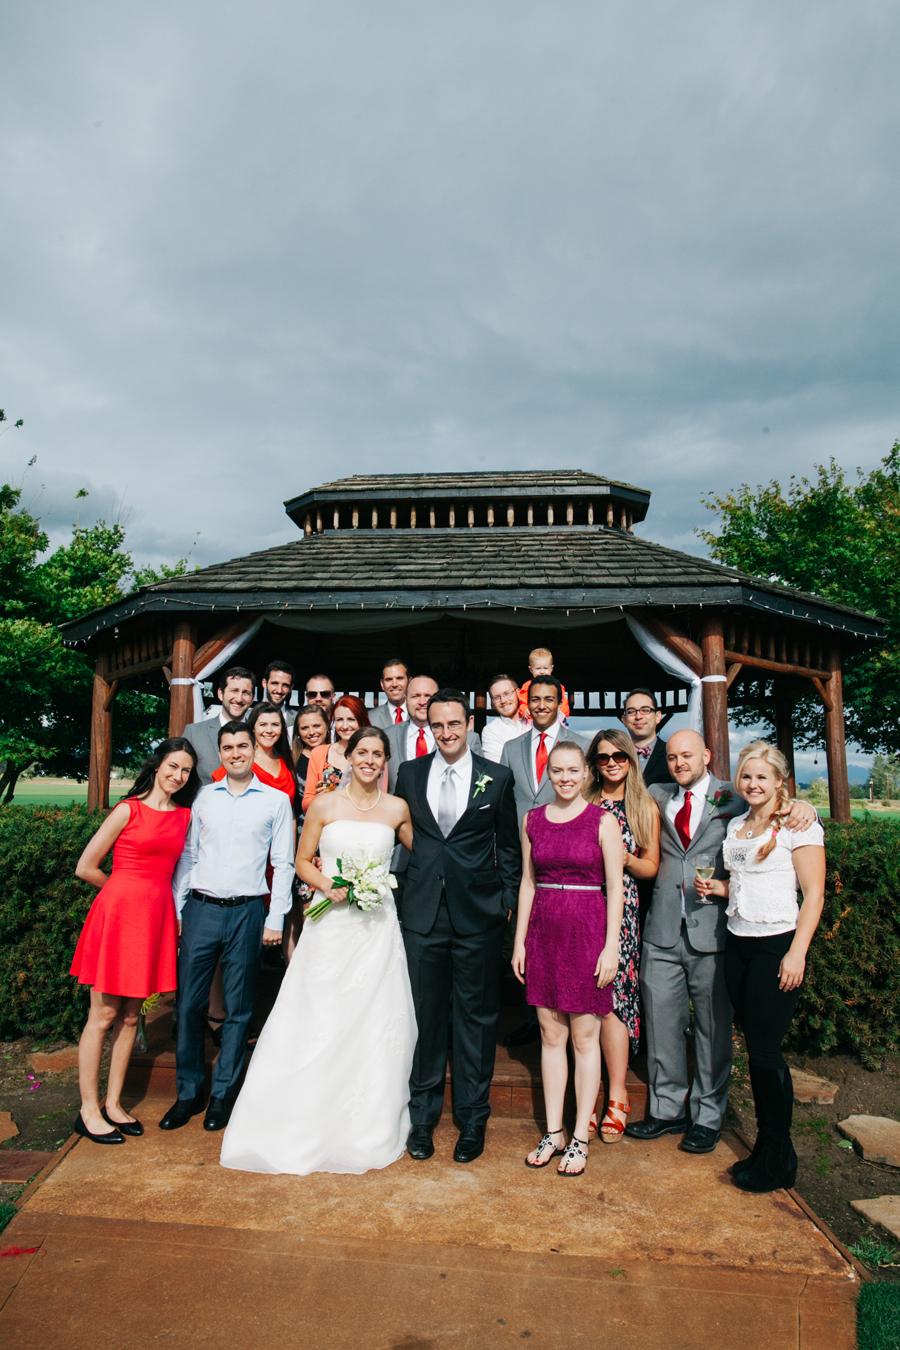 065-bellingham-wedding-photographer-katheryn-moran-photography-hidden-meadows.jpg